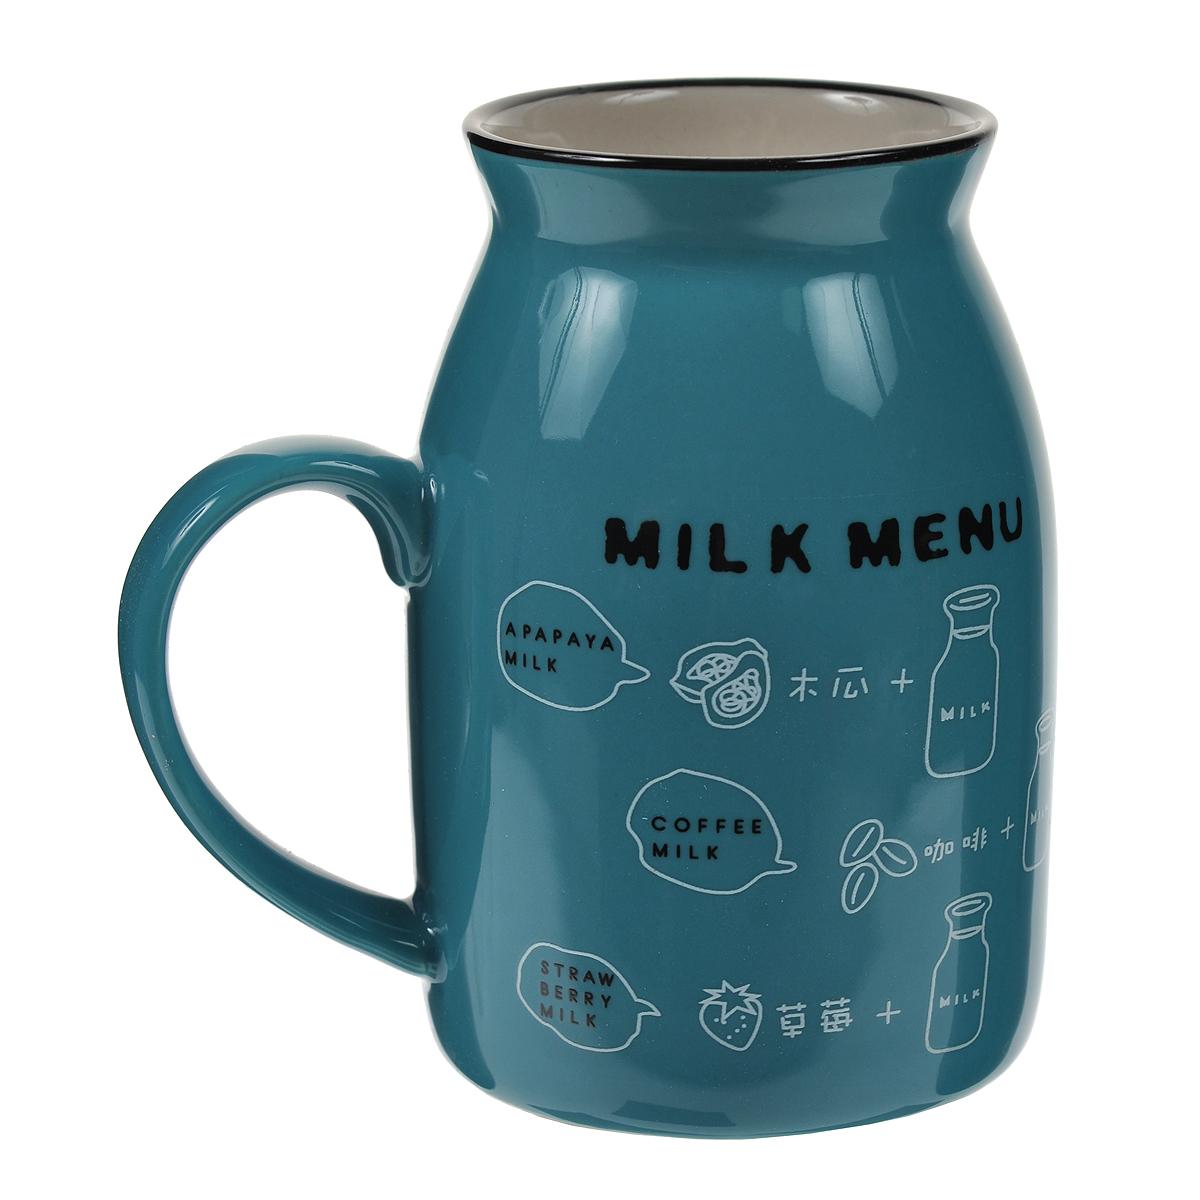 Кружка Milk, цвет: бирюзовый003069Оригинальная кружка Milk, выполненная из керамики, станет отличным подарком для человека, ценящего забавные и практичные подарки. Кружка выполнена в виде бидона для молока. Такой подарок станет не только приятным, но и практичным сувениром, а оригинальный дизайн вызовет улыбку. Характеристики:Материал:керамика. Высота кружки:10 см. Диаметр по верхнему краю:5,5 см. Размер упаковки:10 см х 7,5 см х 11 см. Артикул: 003069.